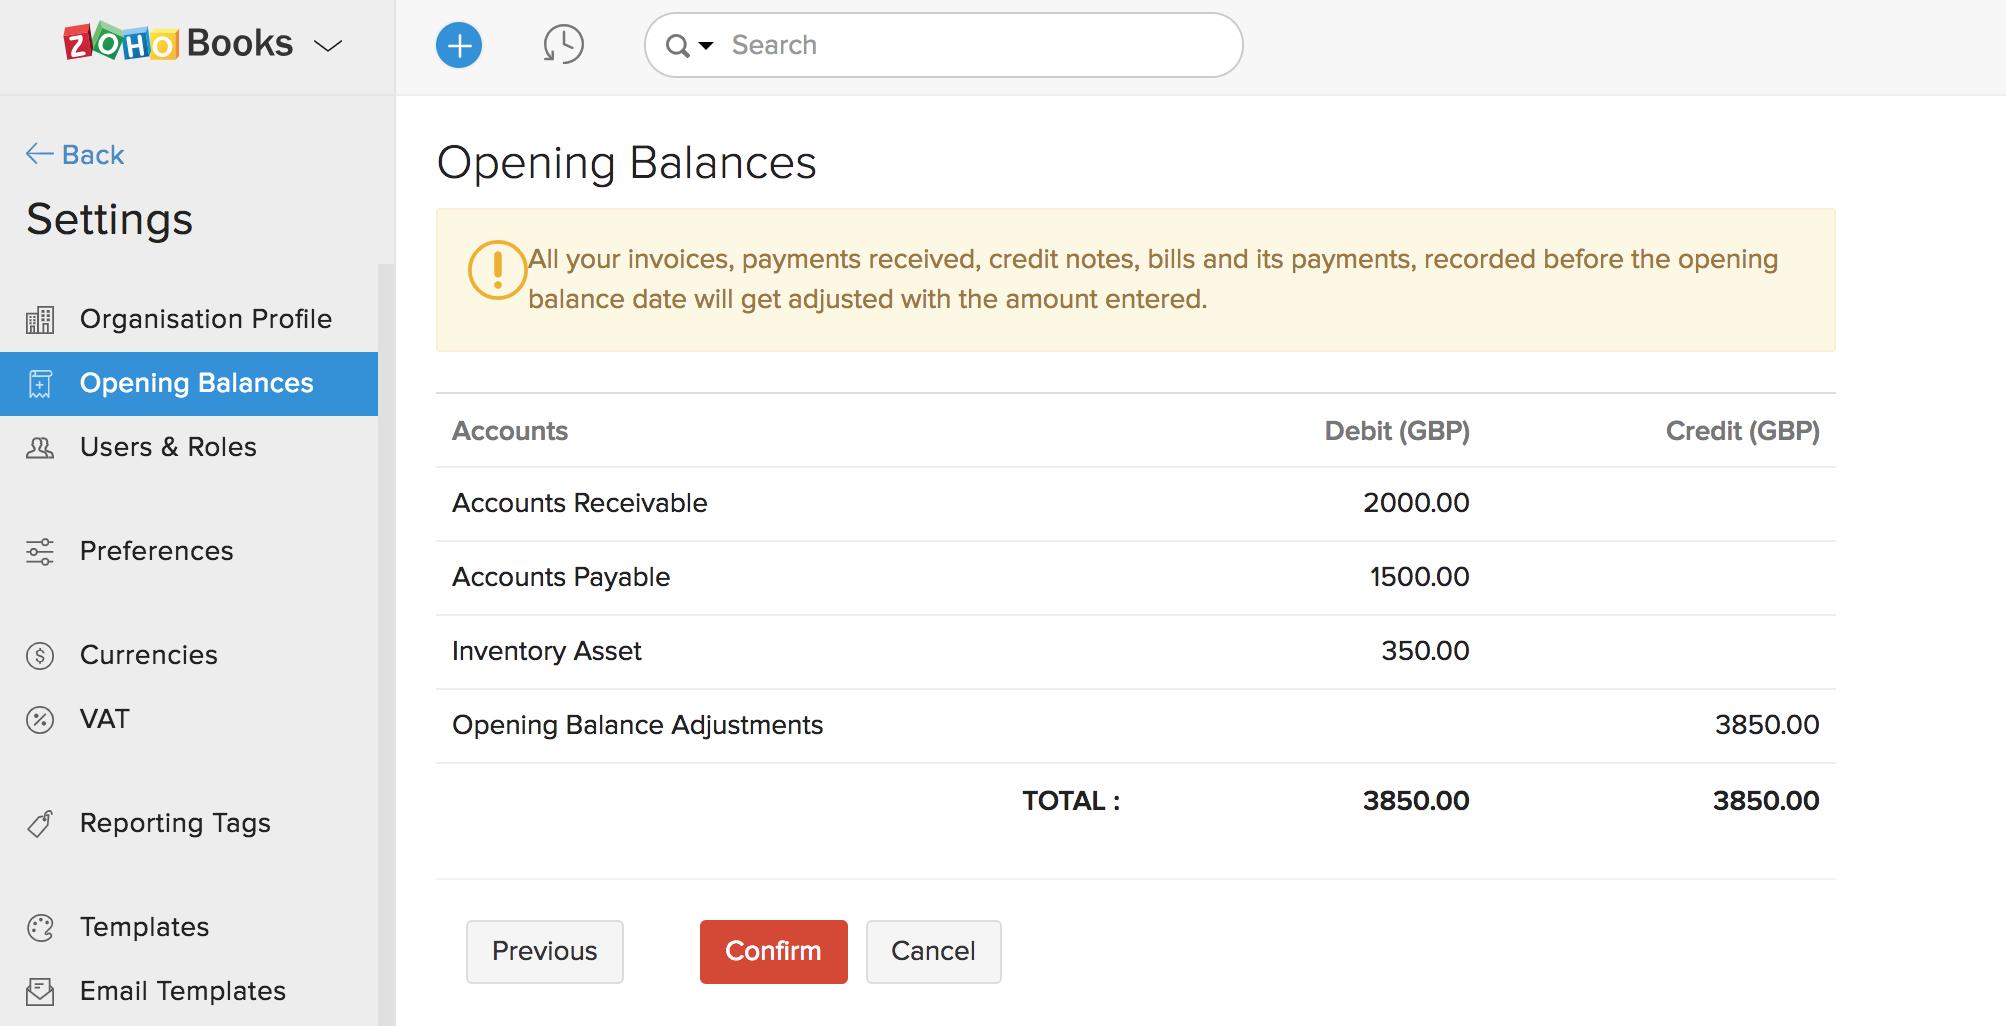 Opening Balances Image